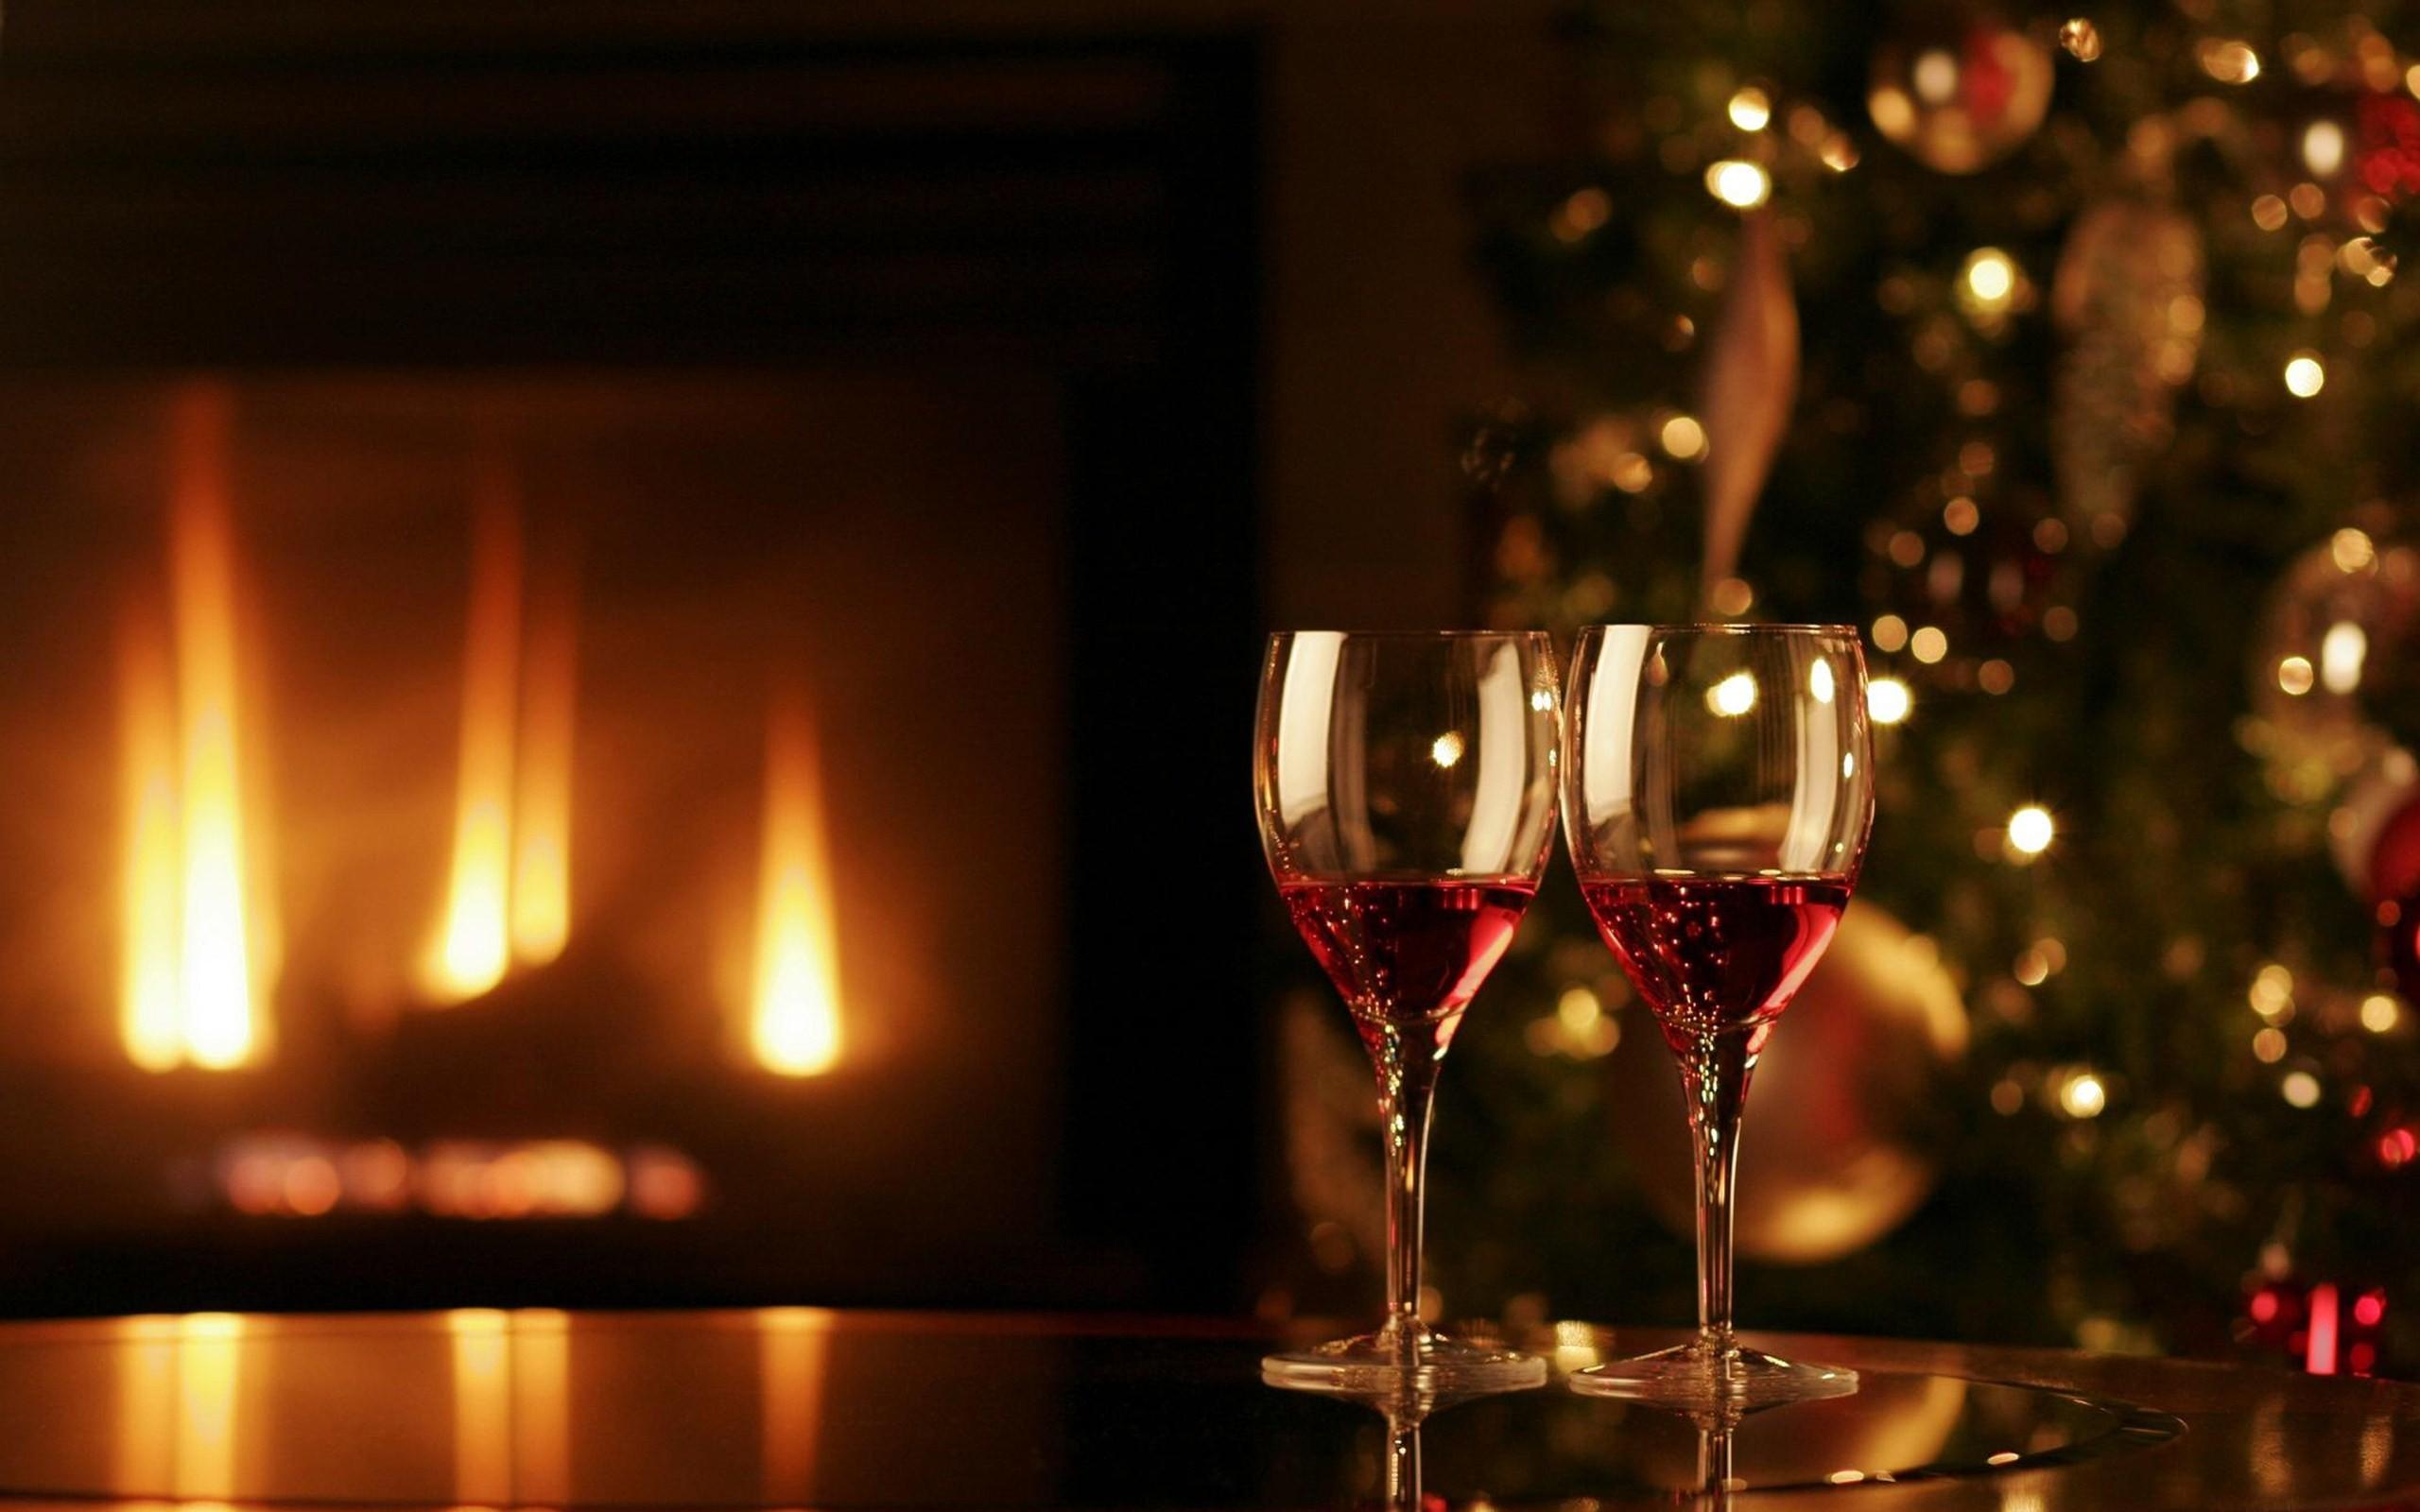 Dos copas con vino para navidad - 2560x1600